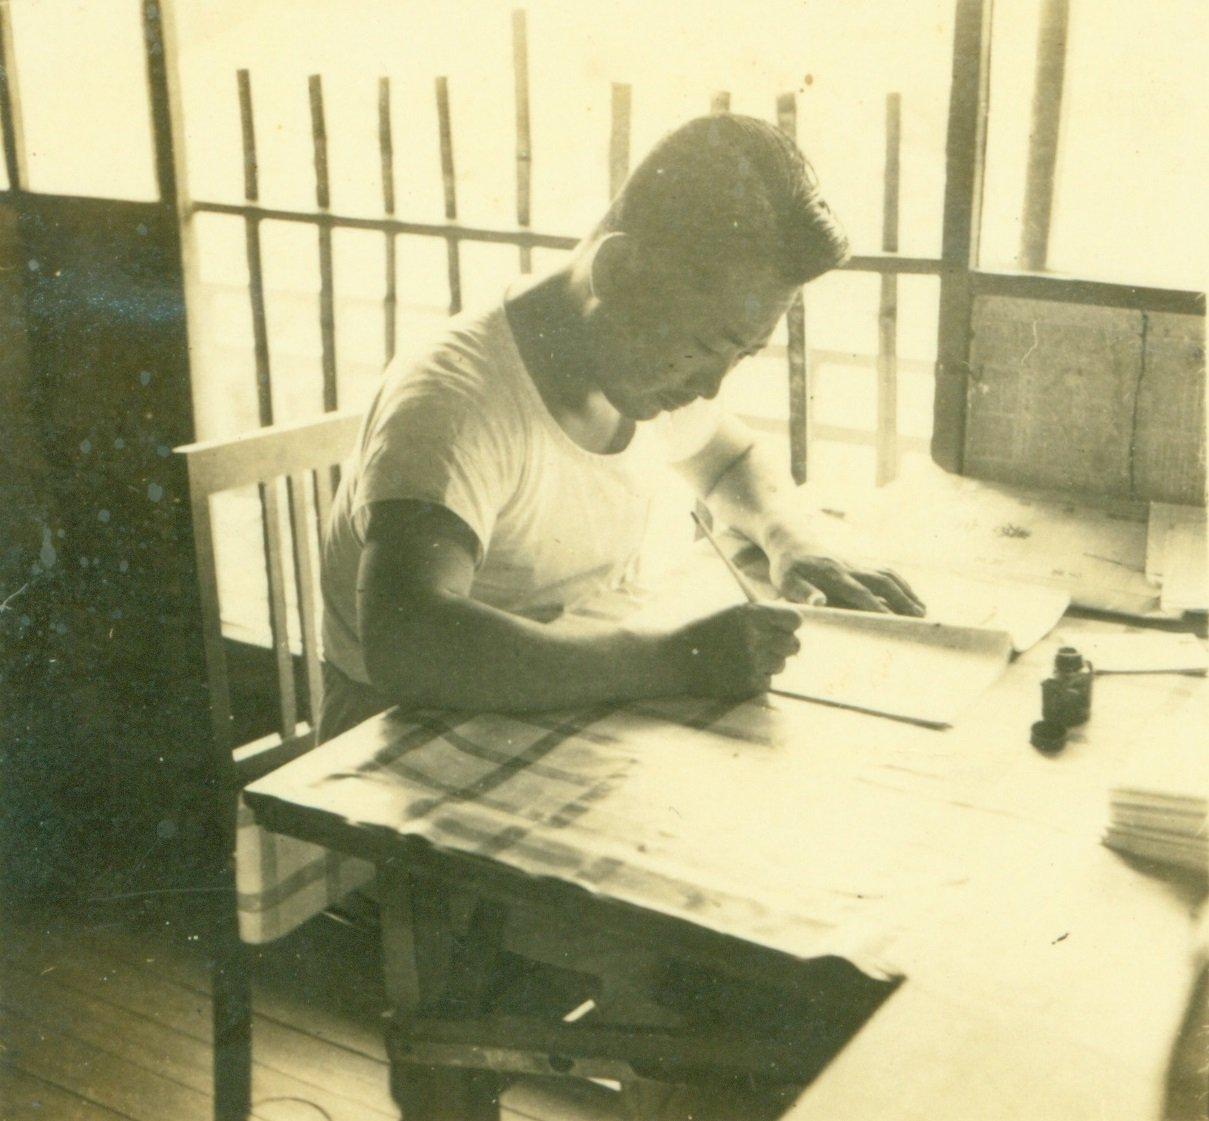 紀剛創作《滾滾遼河》初稿時振筆疾書的身影。圖/國立清華大學圖書館珍藏資料